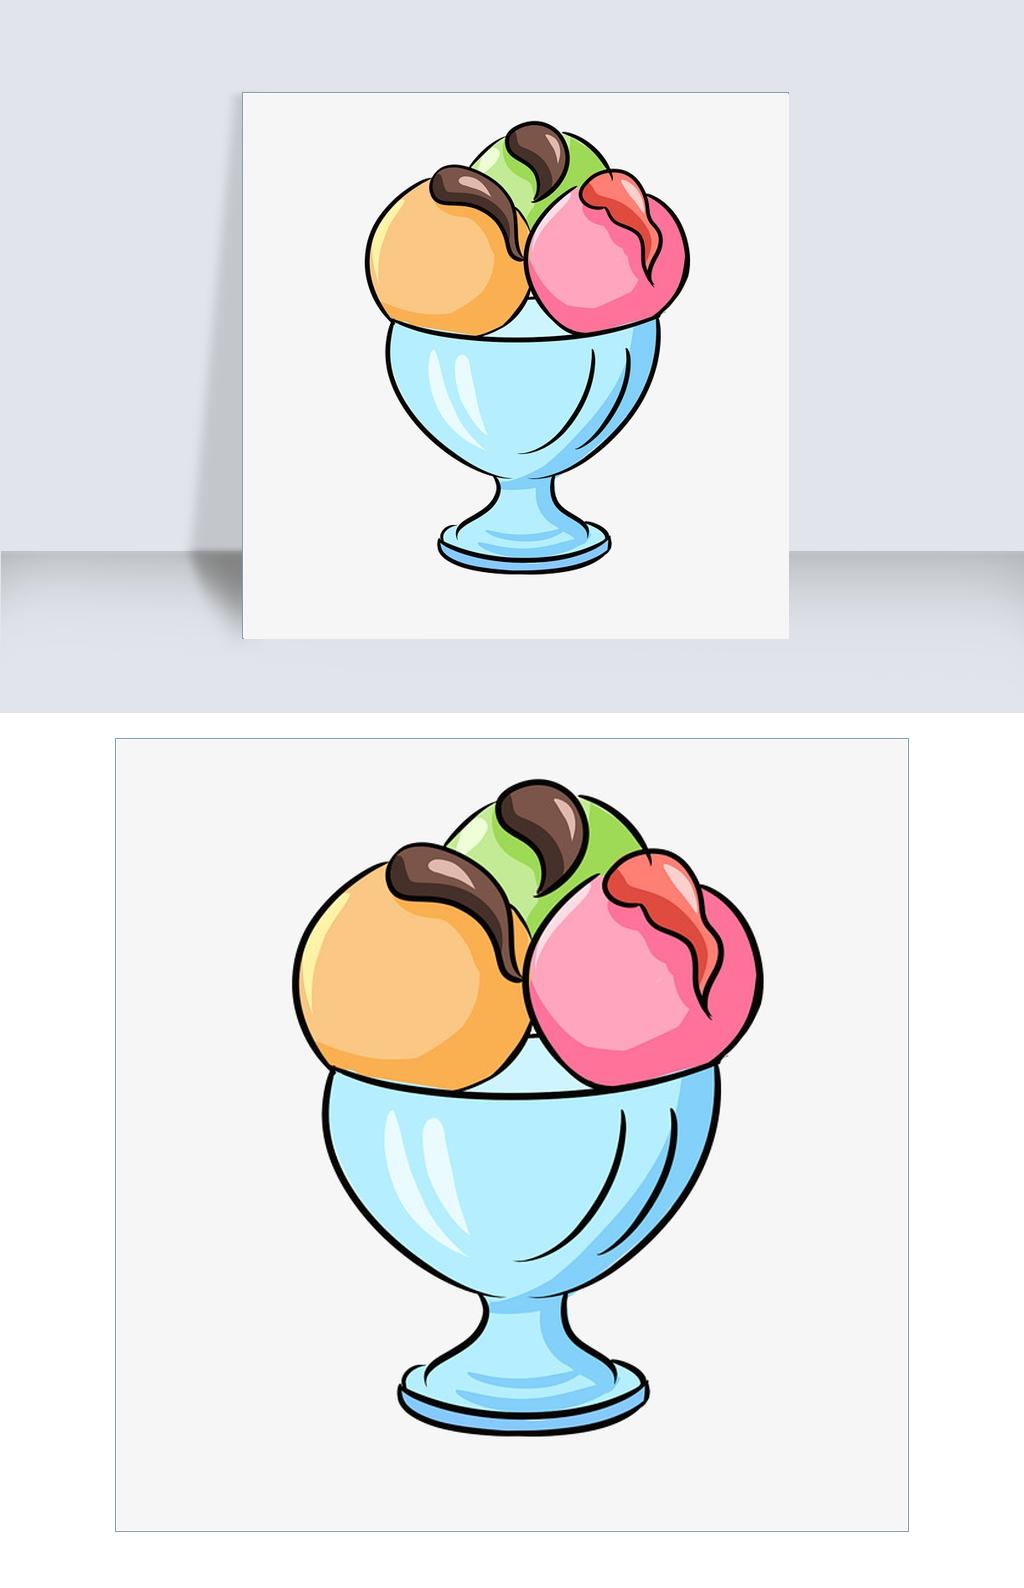 原创设计创意水果冰激凌杯插画素材是用户mqk103946上传到我图网, 素材大小为0.00 mb, 素材的尺寸为3000px*3000px,图片的编号是27673960, 颜色模式为rgb, 授权方式为vip用户下载,本素材已经被下载0次,被收藏68次,成